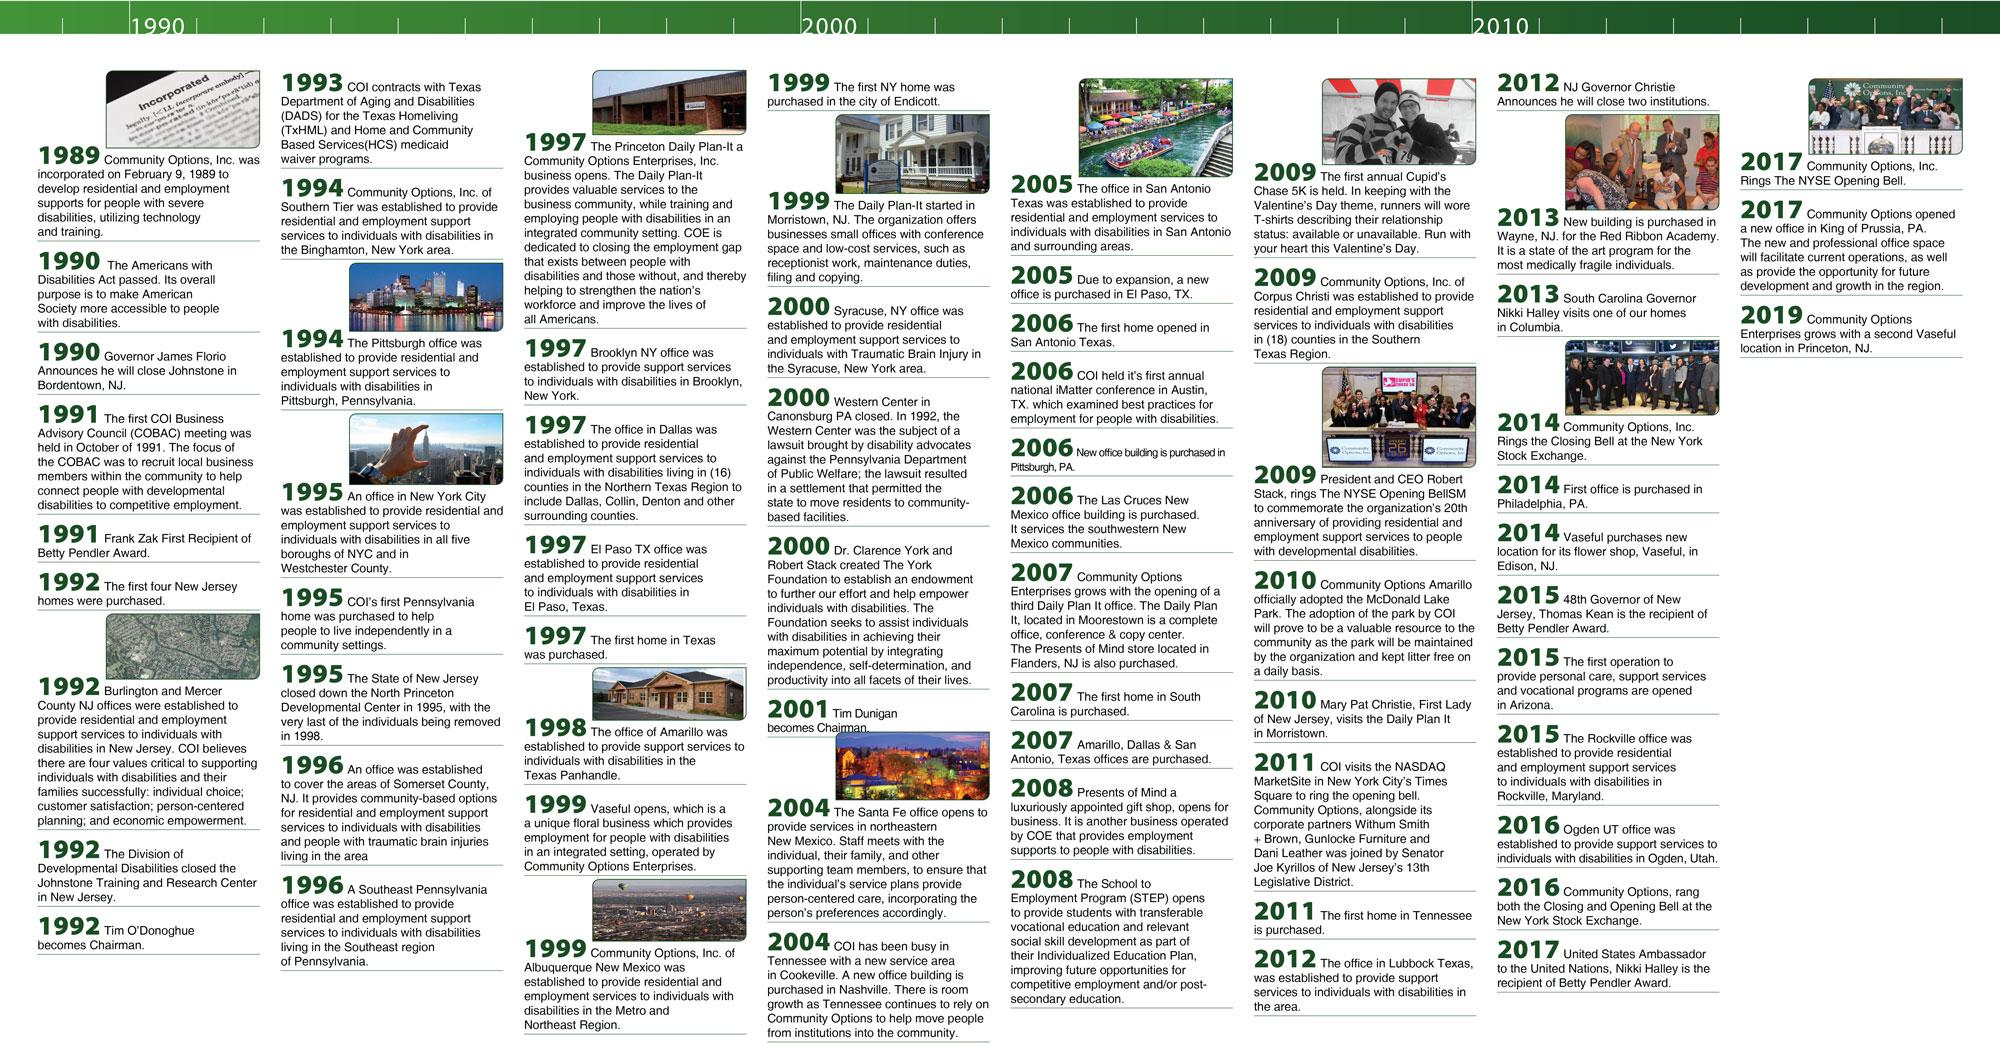 Comop History Timeline